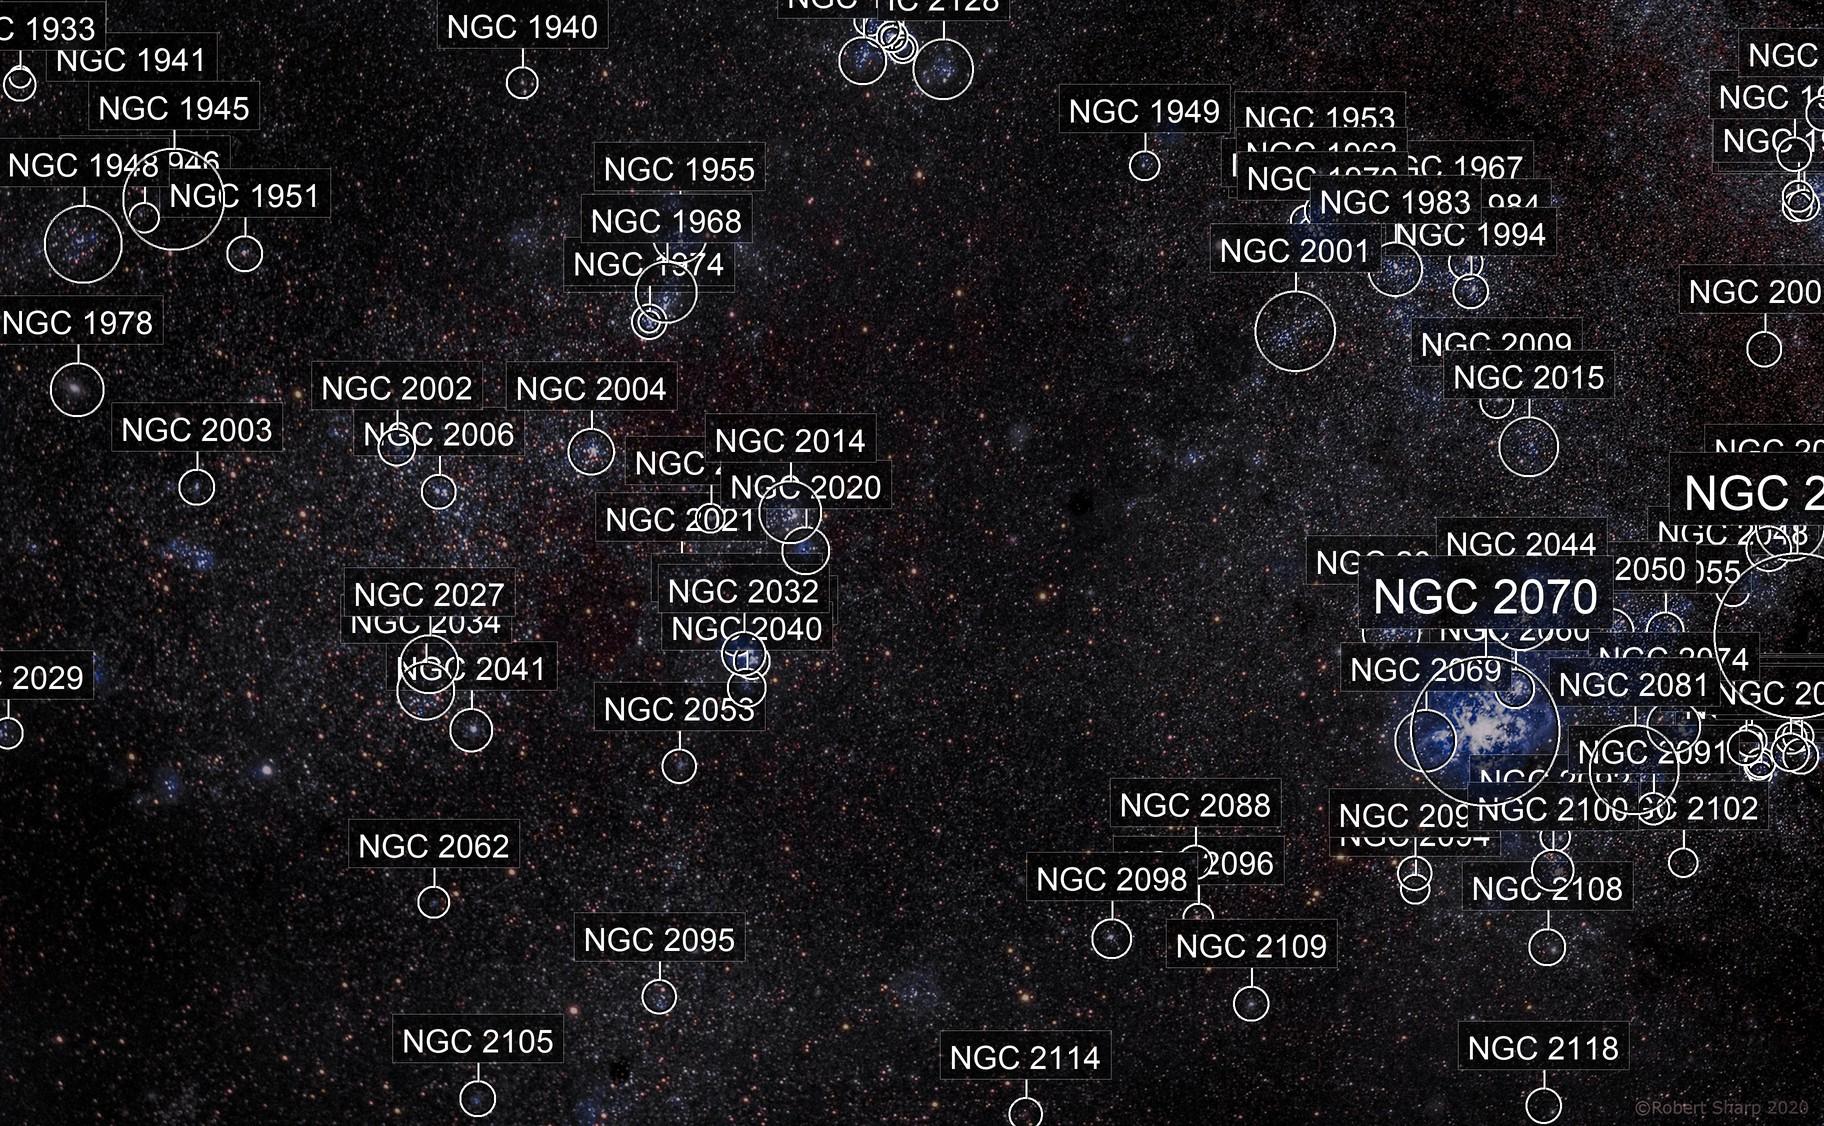 NGC 2070 Tarantula Nebula in LMC